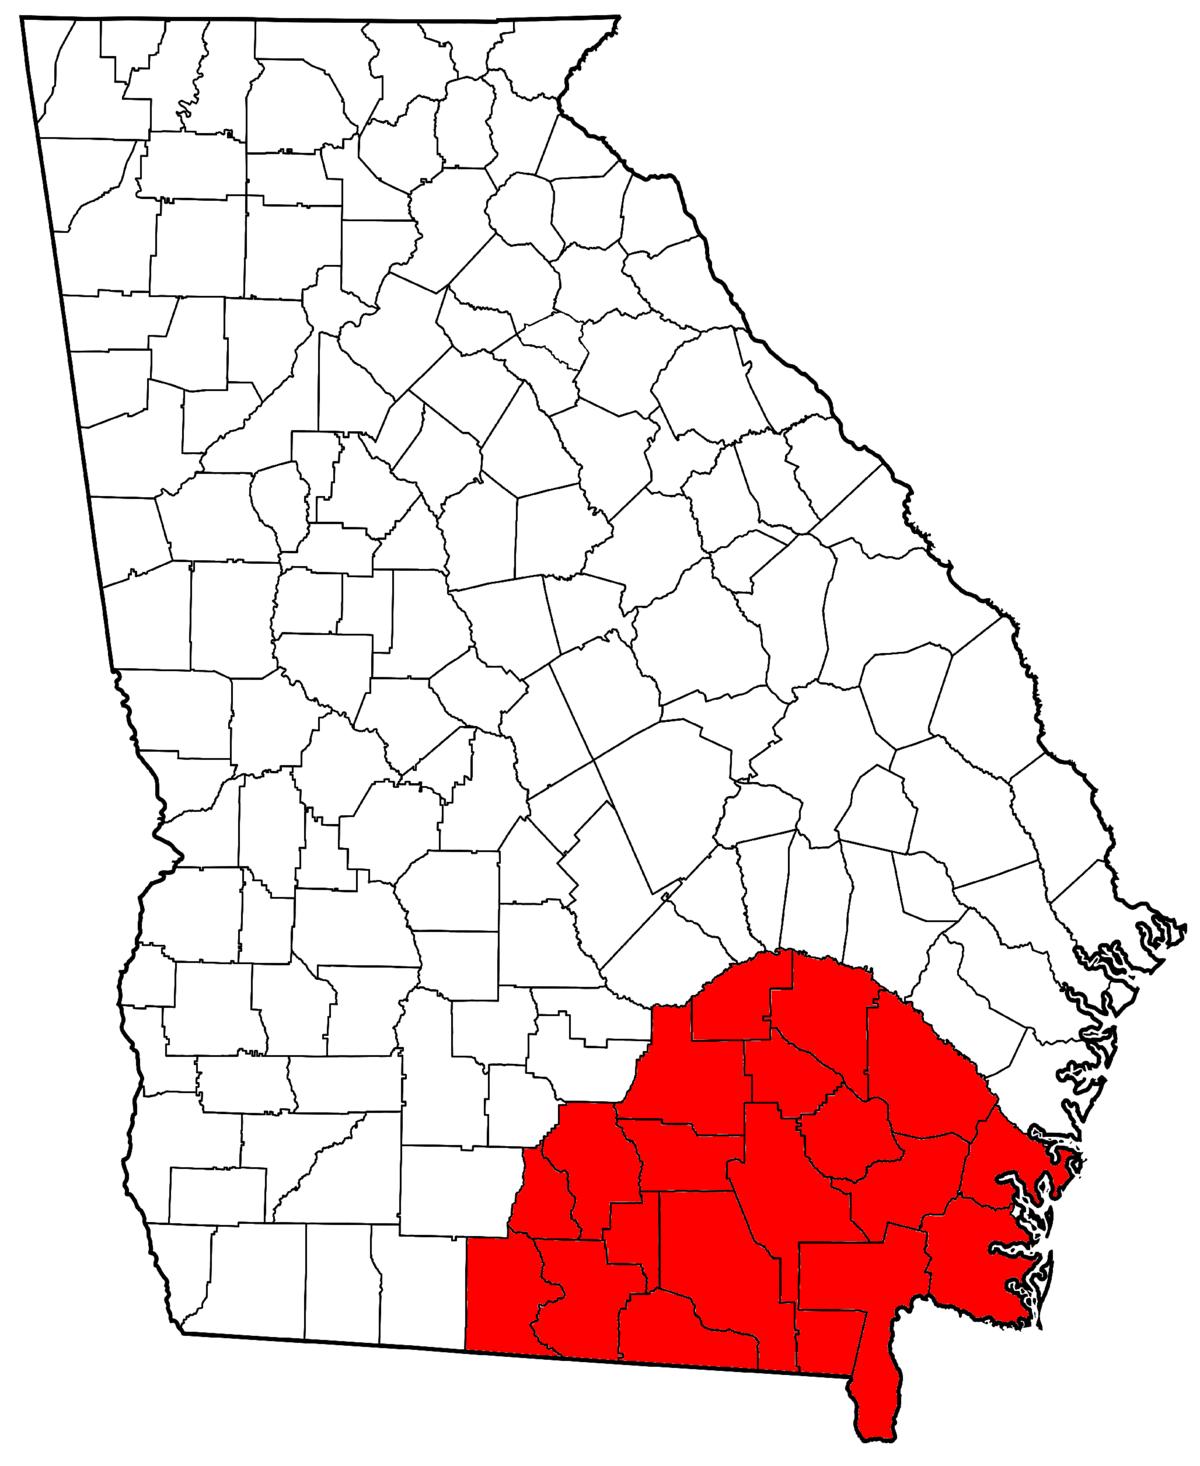 Southeast Georgia Wikipedia - Georgia map drawing